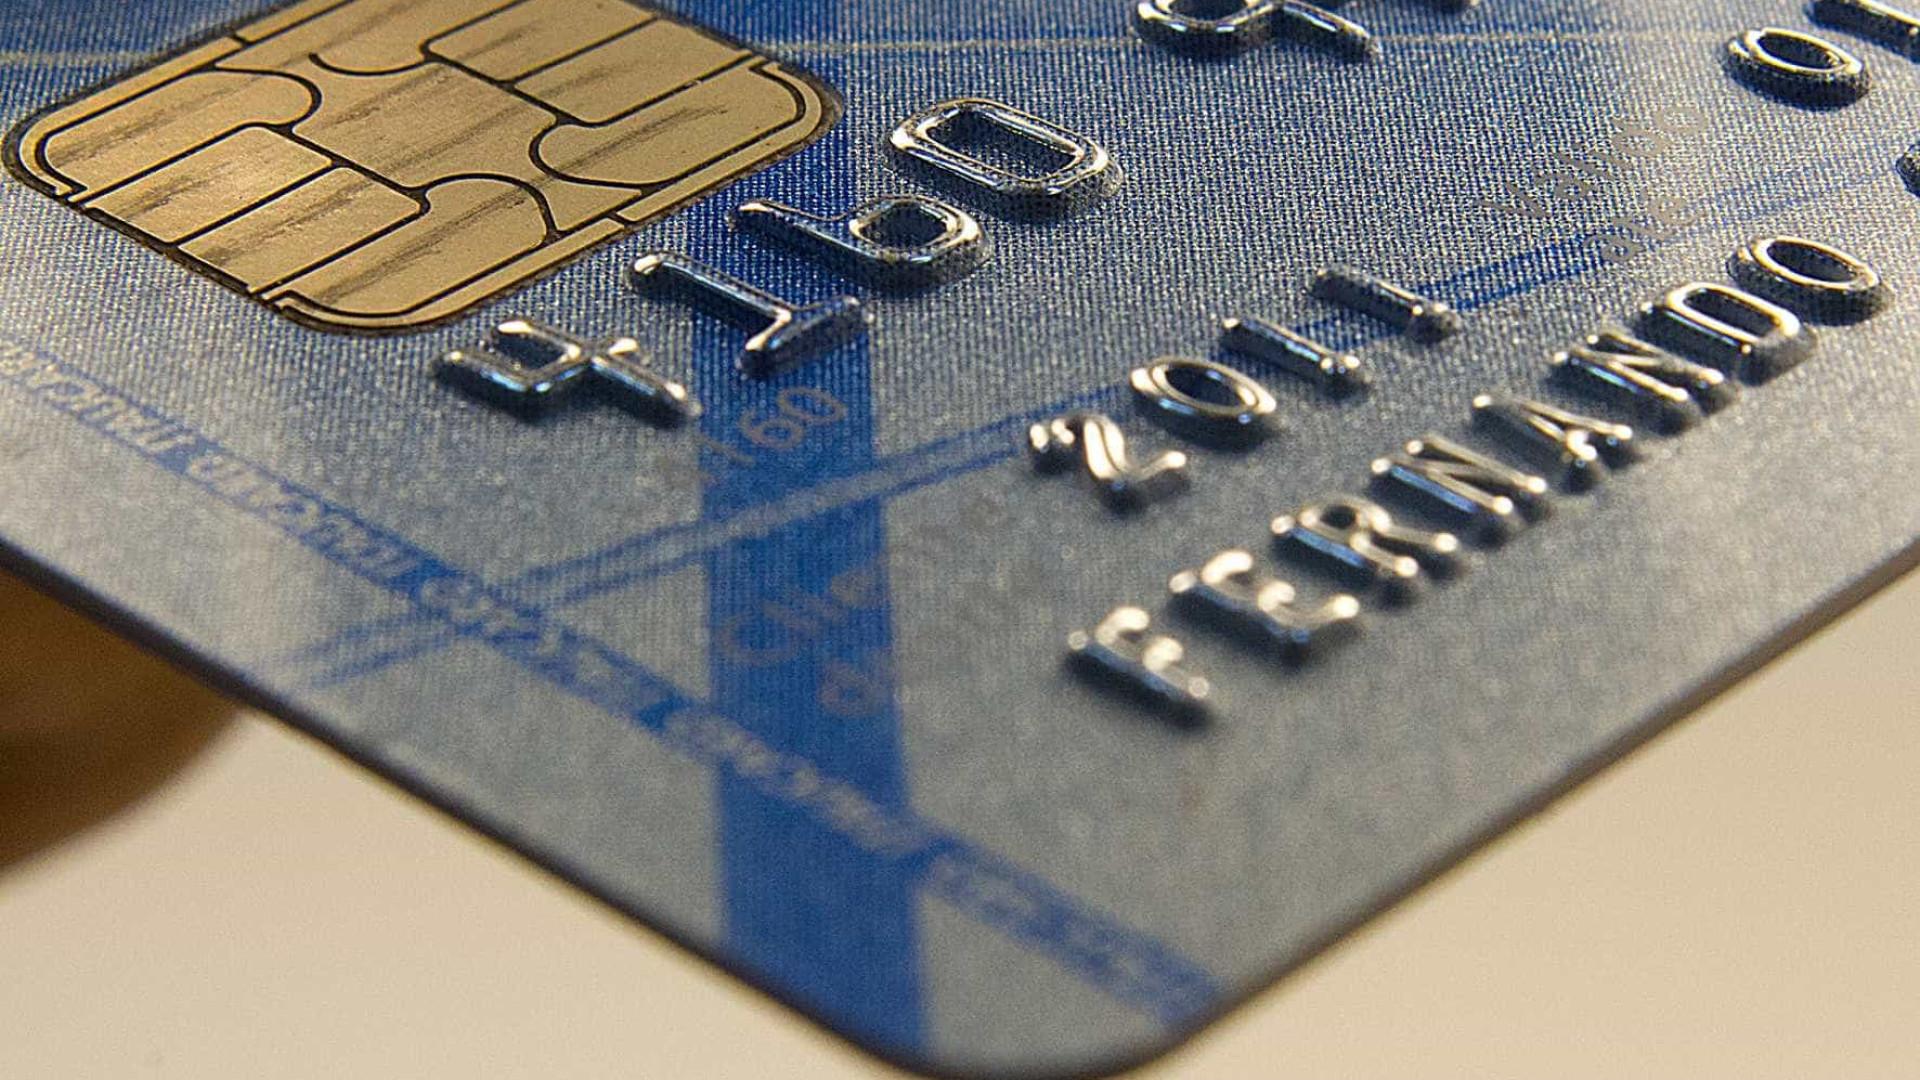 Juros do rotativo do cartão de crédito subiram para 299,8% ao ano